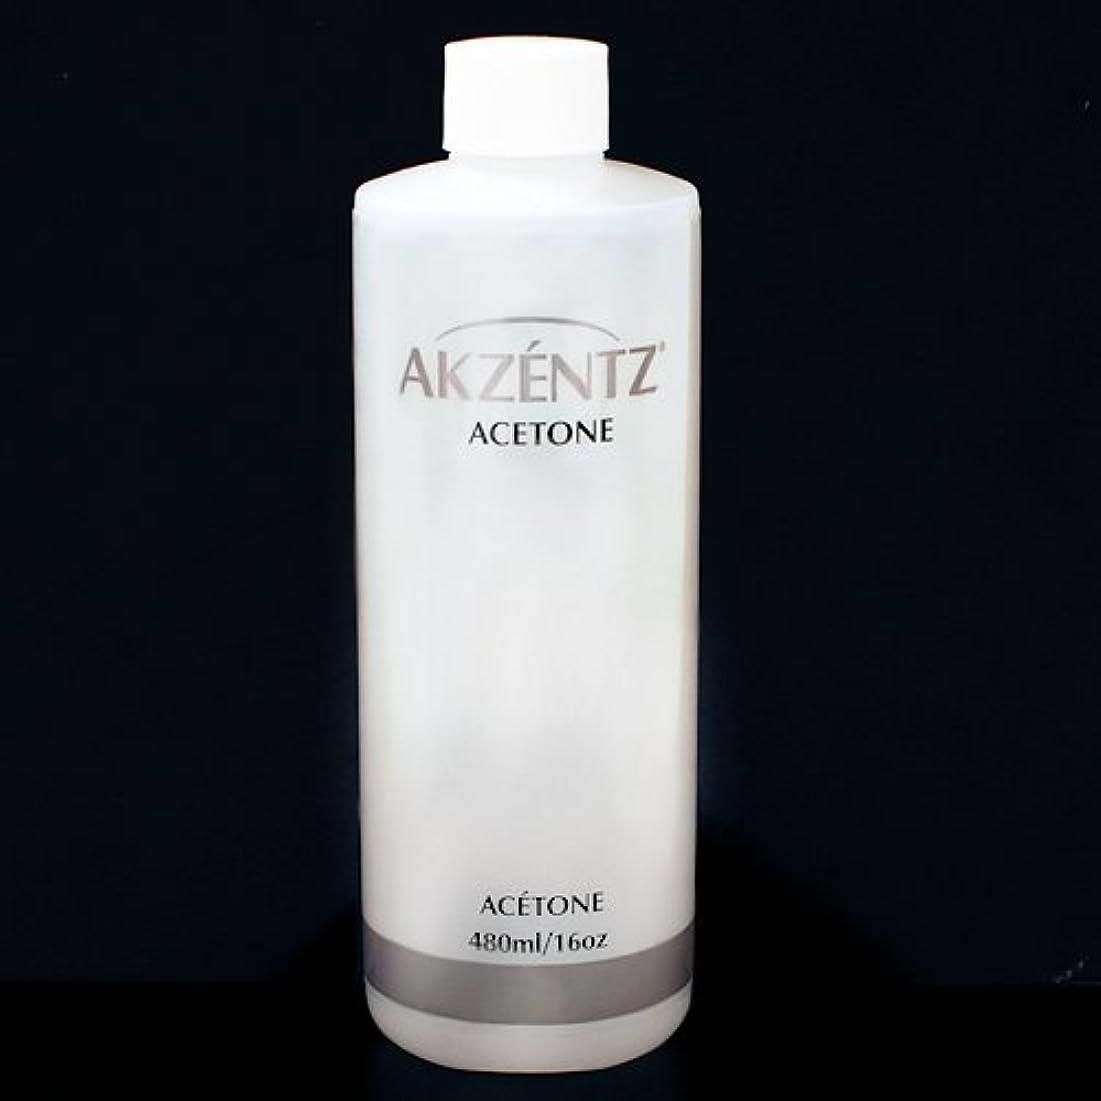 準拠聖なる理想的アクセンツ(AKZENTZ) ネイルリムーバー (アセトン) 480ml